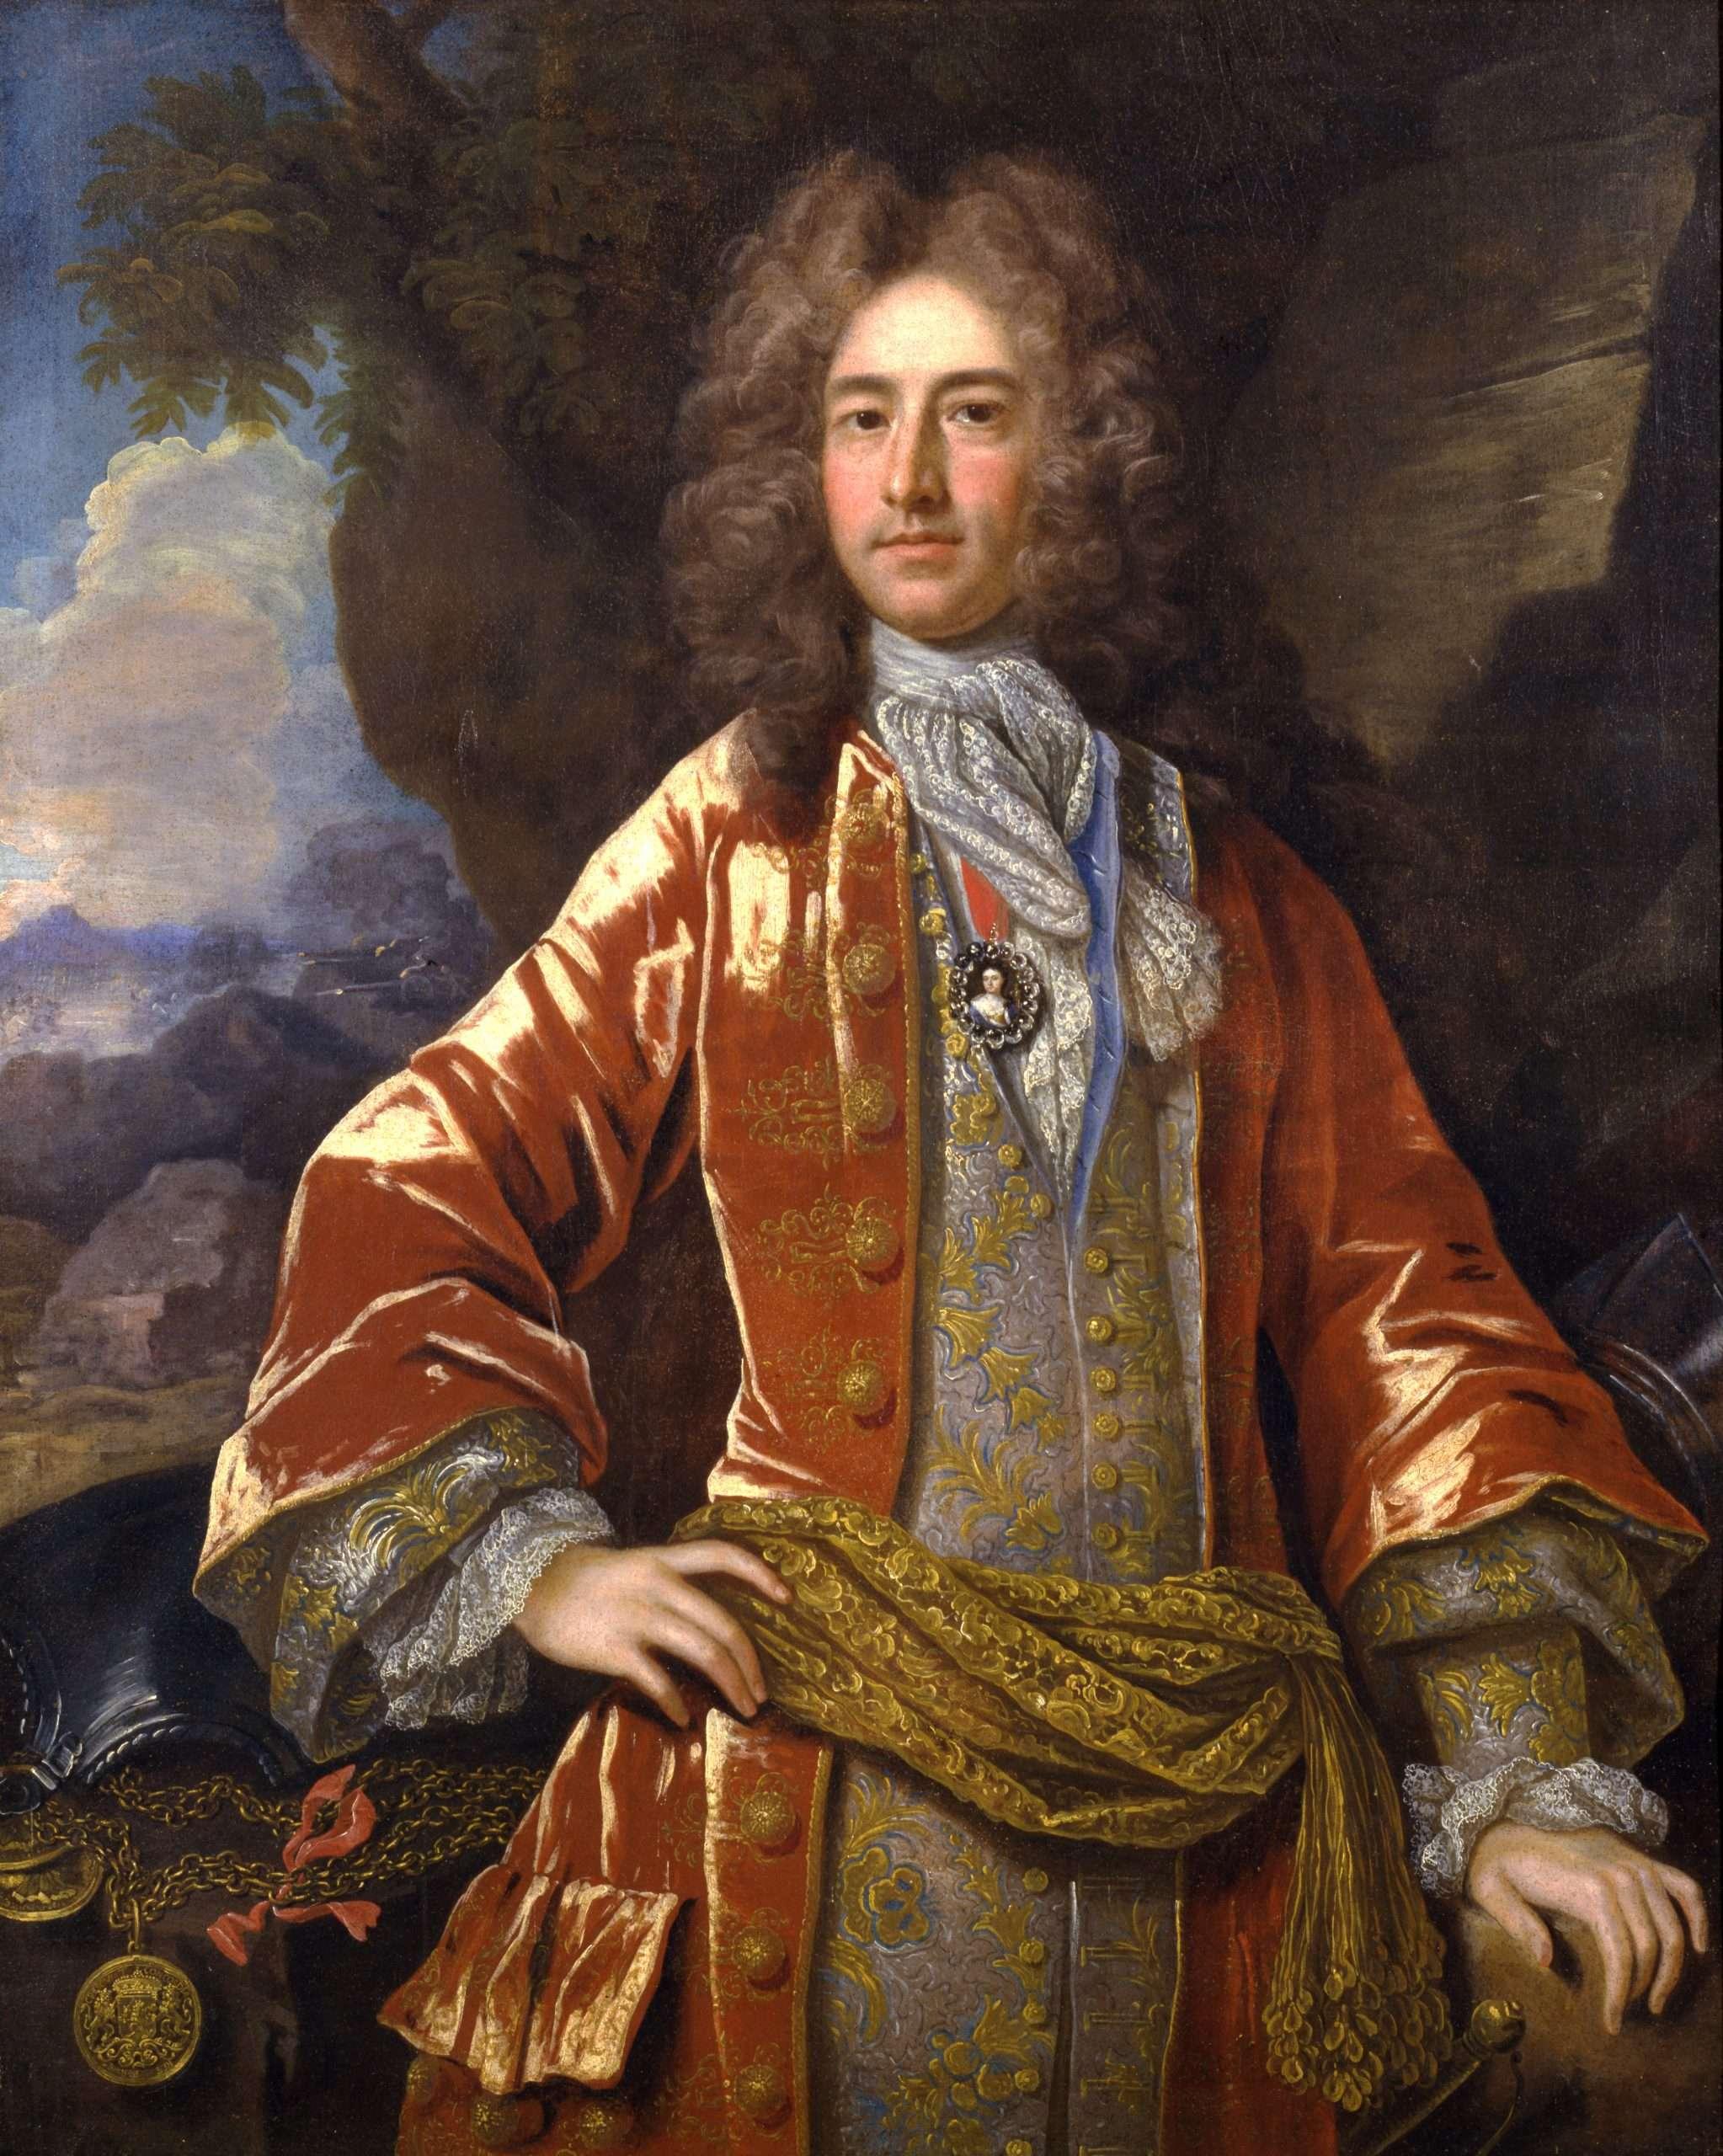 Daniel Parke